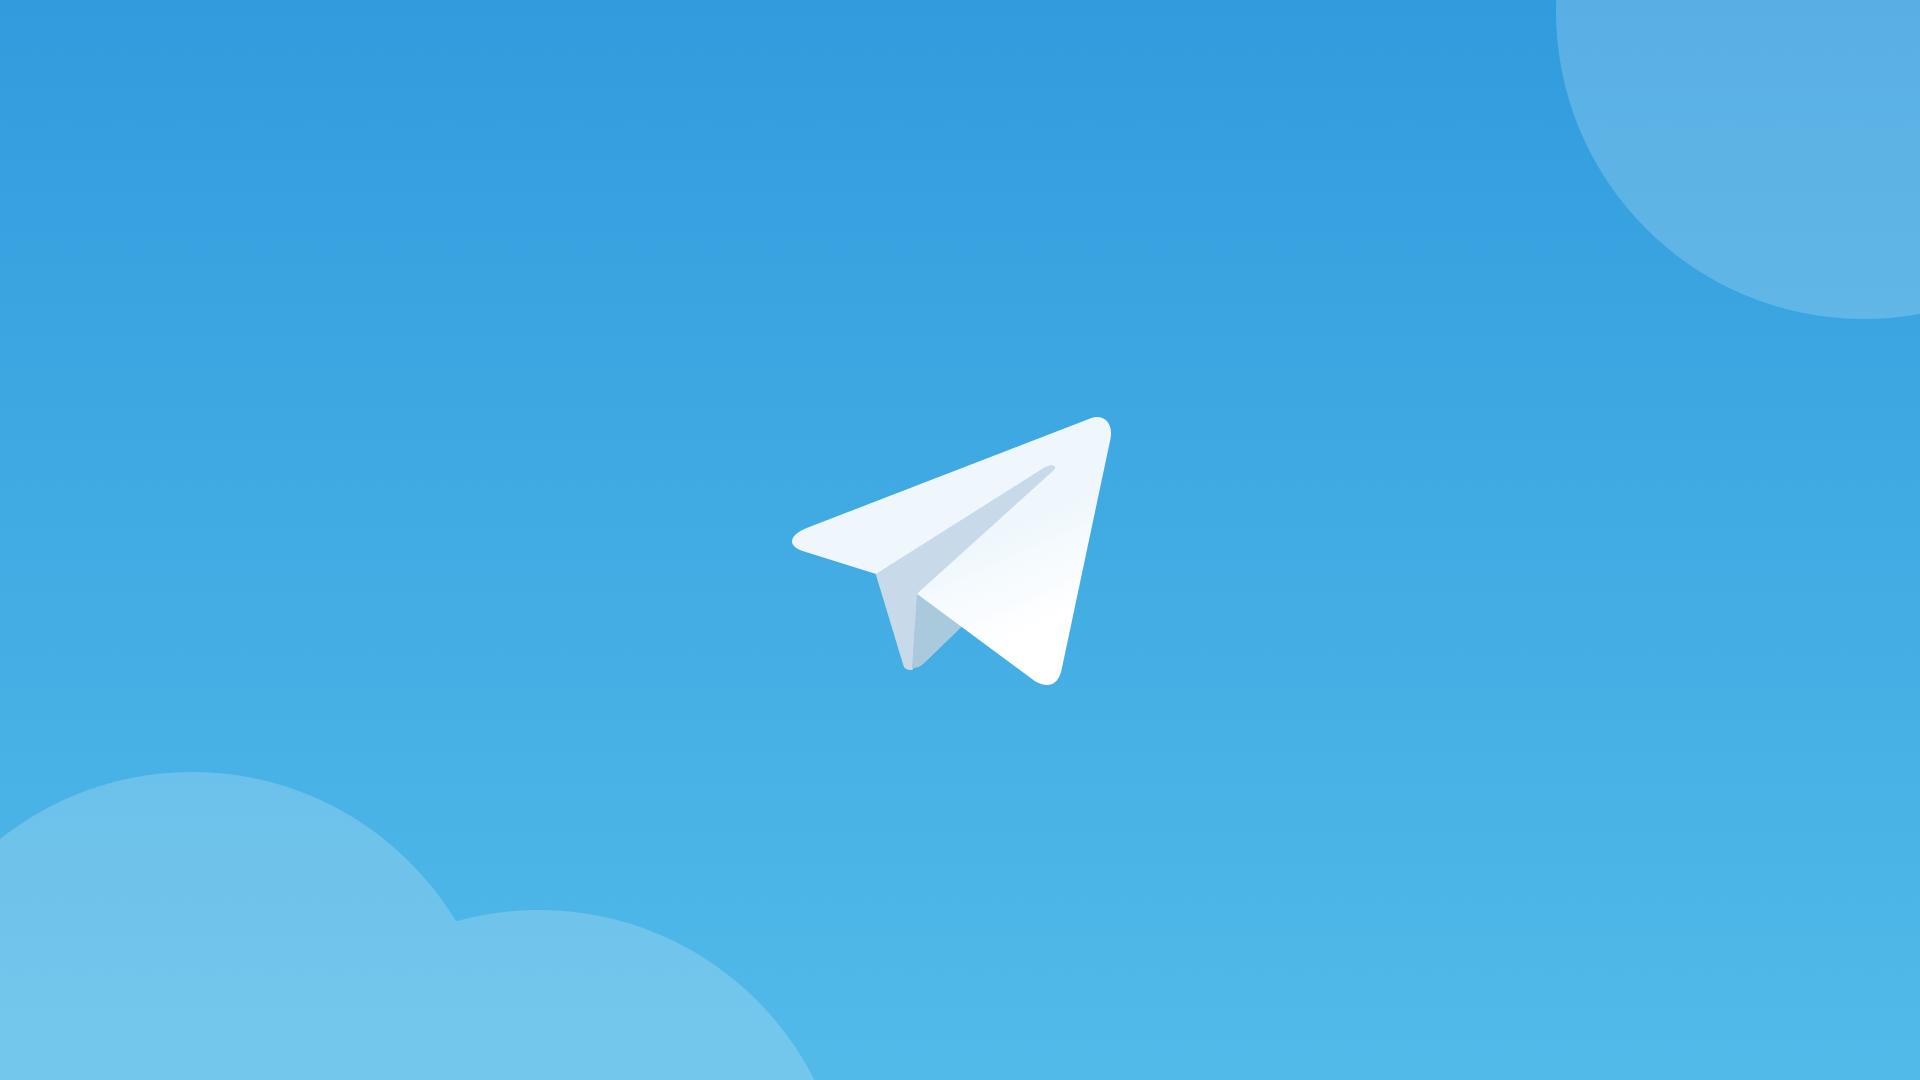 Telegram là gì? Hướng dẫn đăng ký và sử dụng Telegram từ A-Z